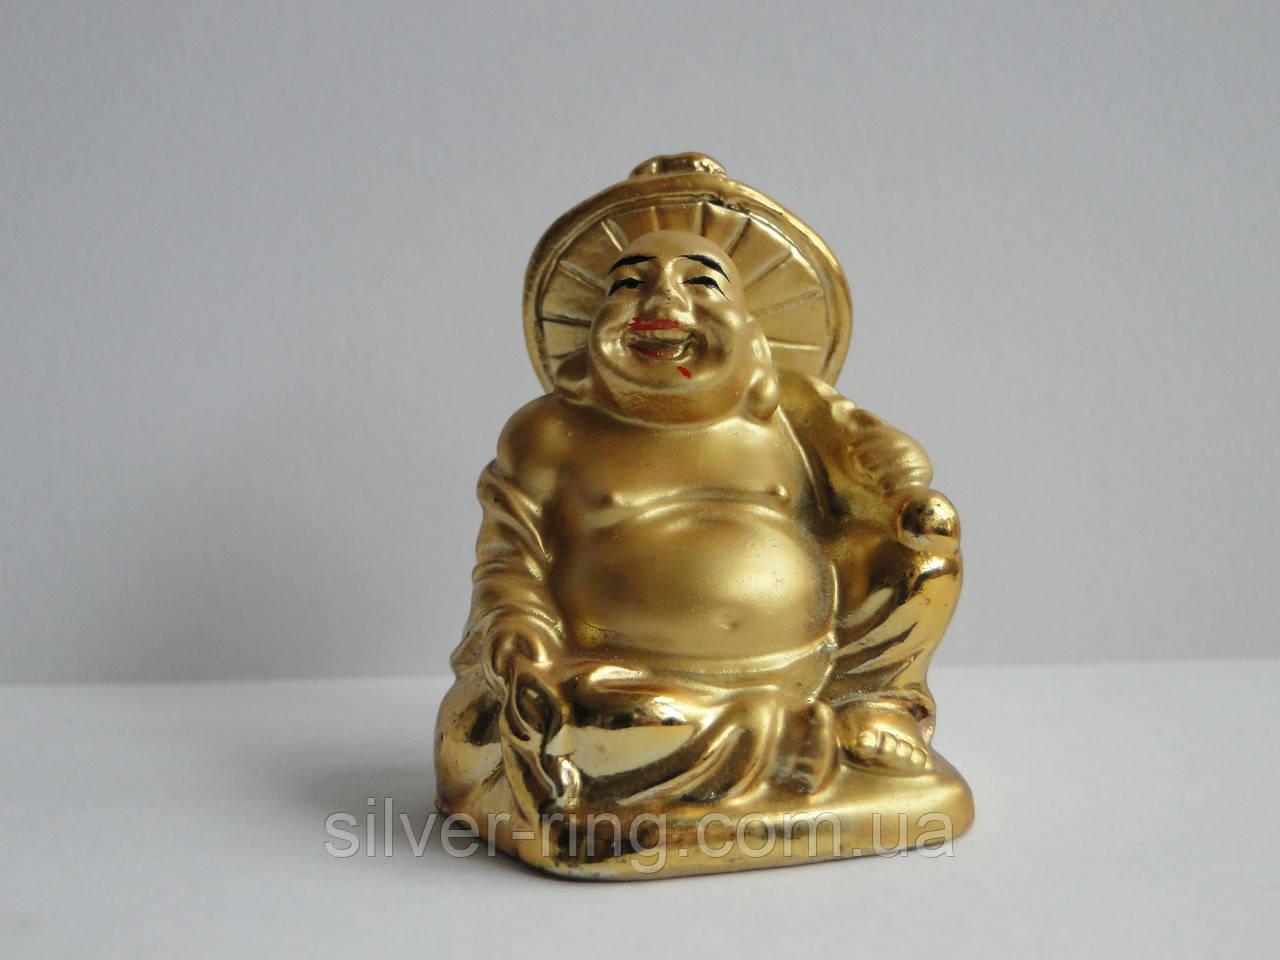 Смеющийся Будда в шляпе